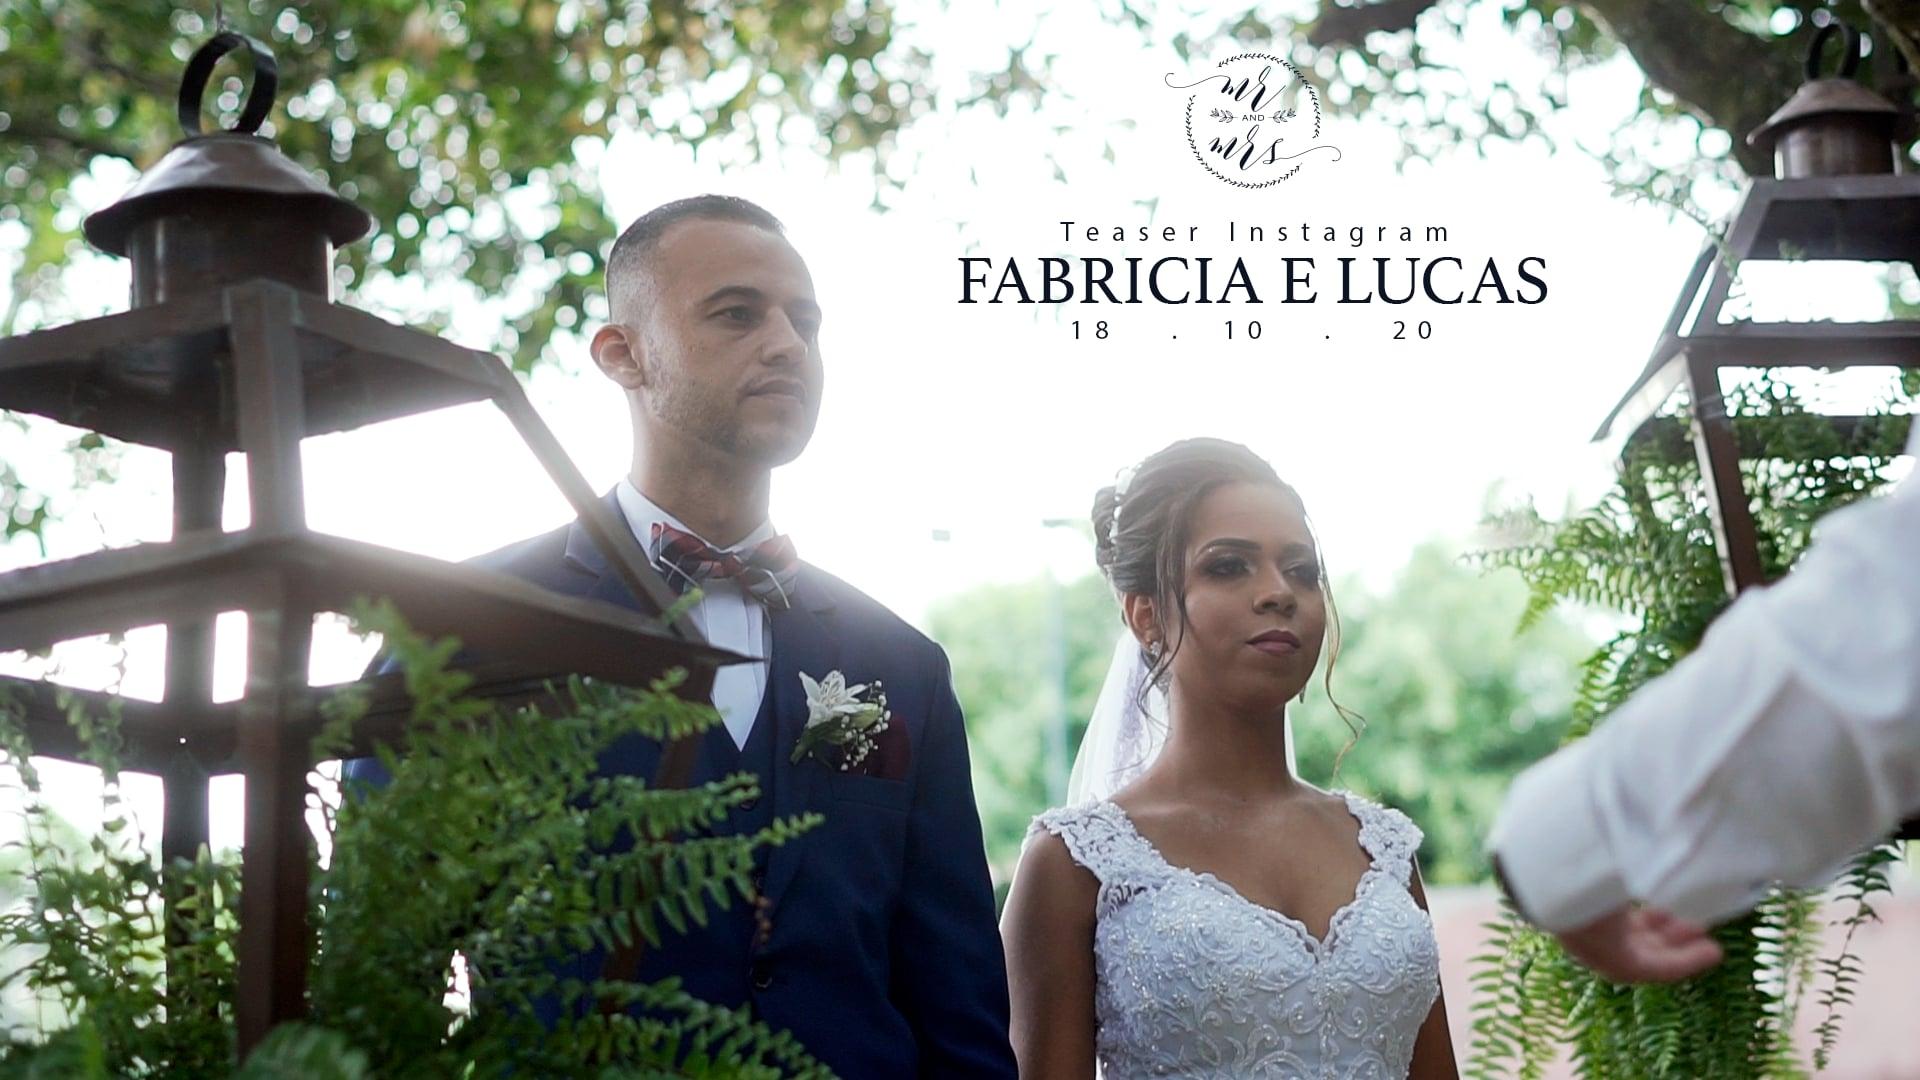 Teaser Instagram || Fabricia e Lucas